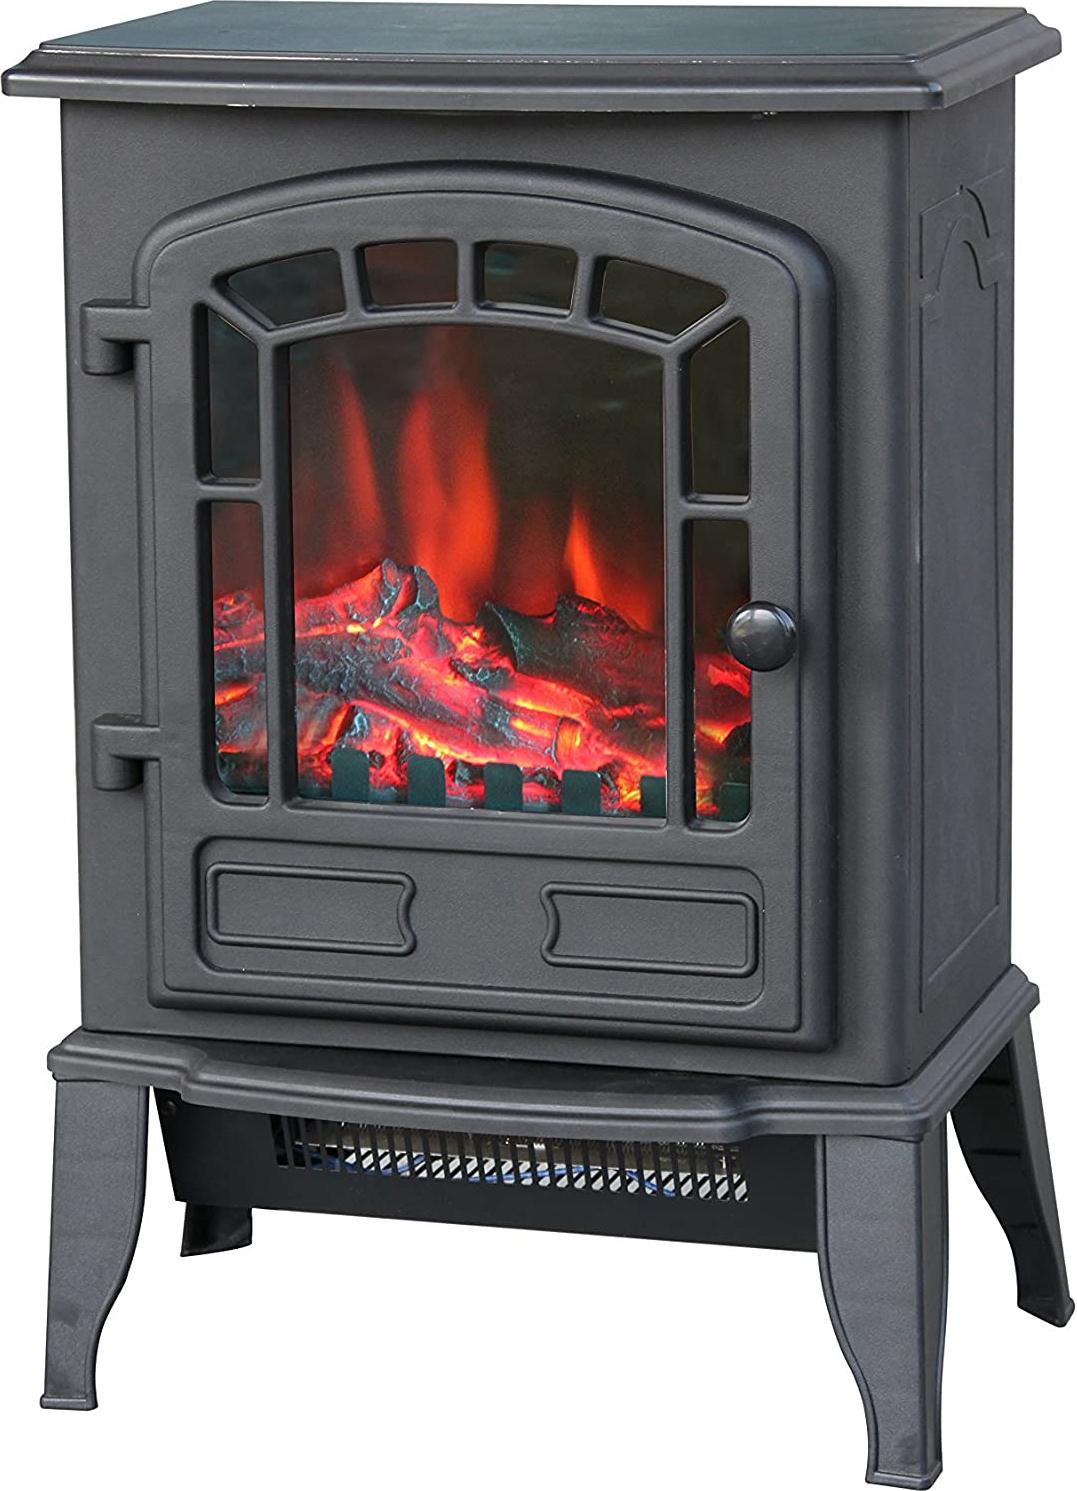 Caminetto elettrico zephir zfp2100s prezzoforte 101843 for Camino elettrico effetto fiamma